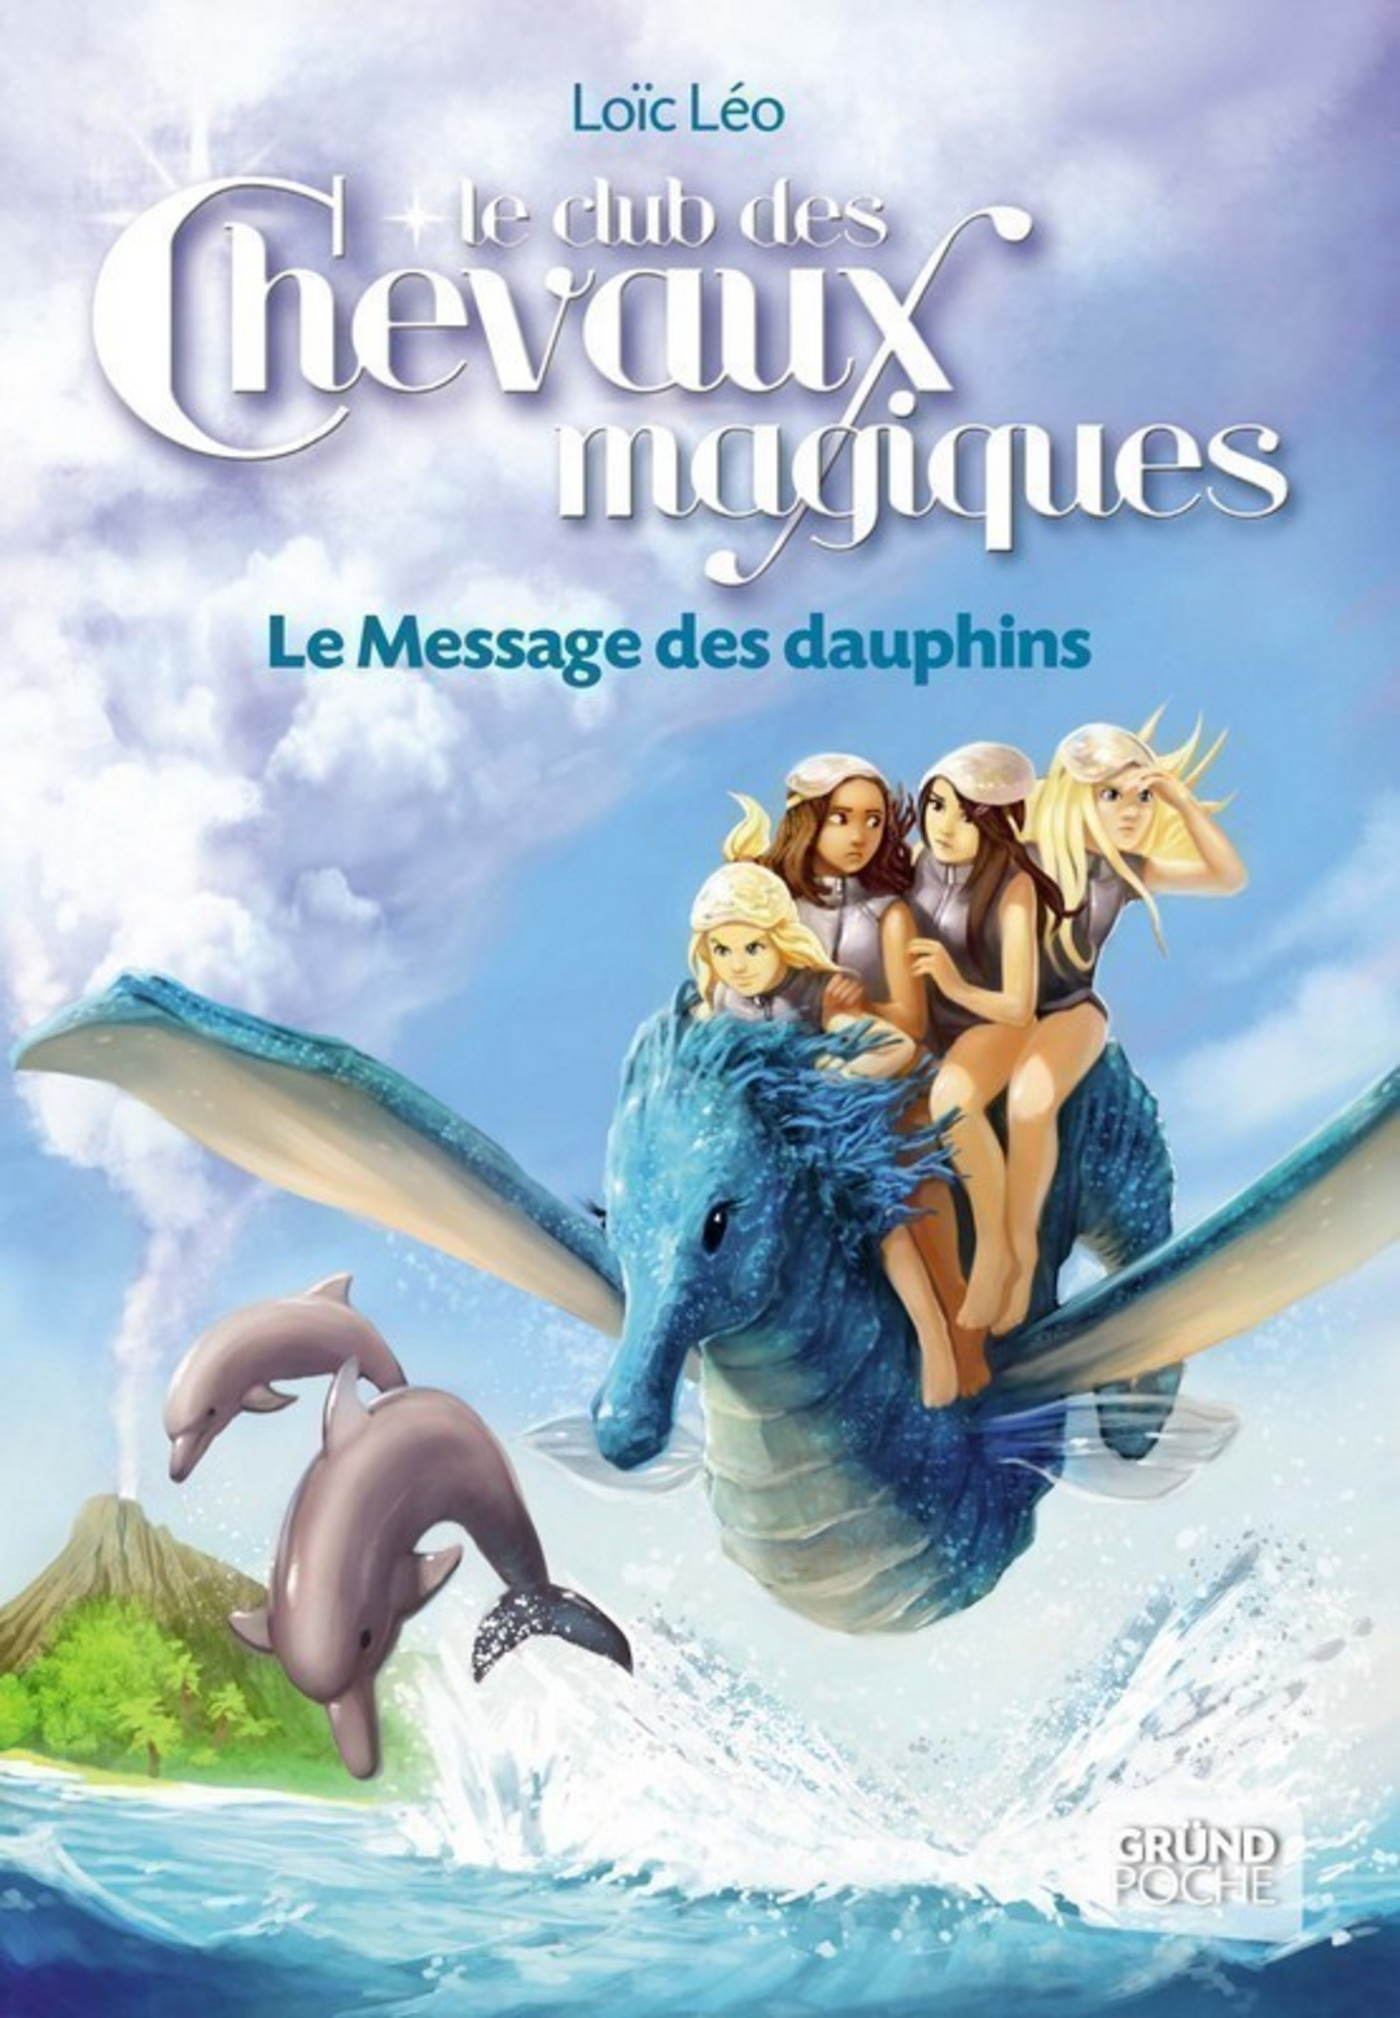 Le Club des Chevaux Magiques - Le message des dauphins - Tome 4 (ebook)